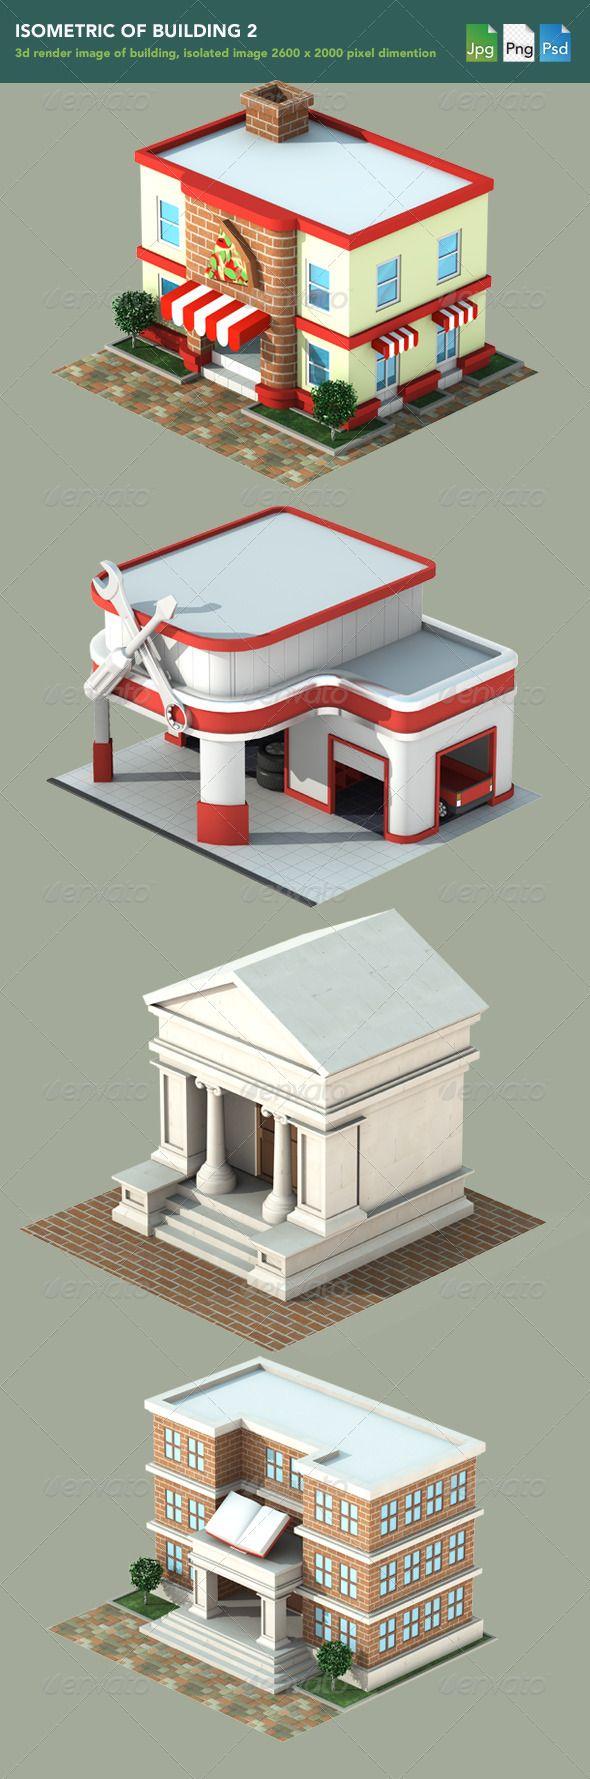 isometric 3d render of building 2 flat art pinterest illustration illustration num rique. Black Bedroom Furniture Sets. Home Design Ideas